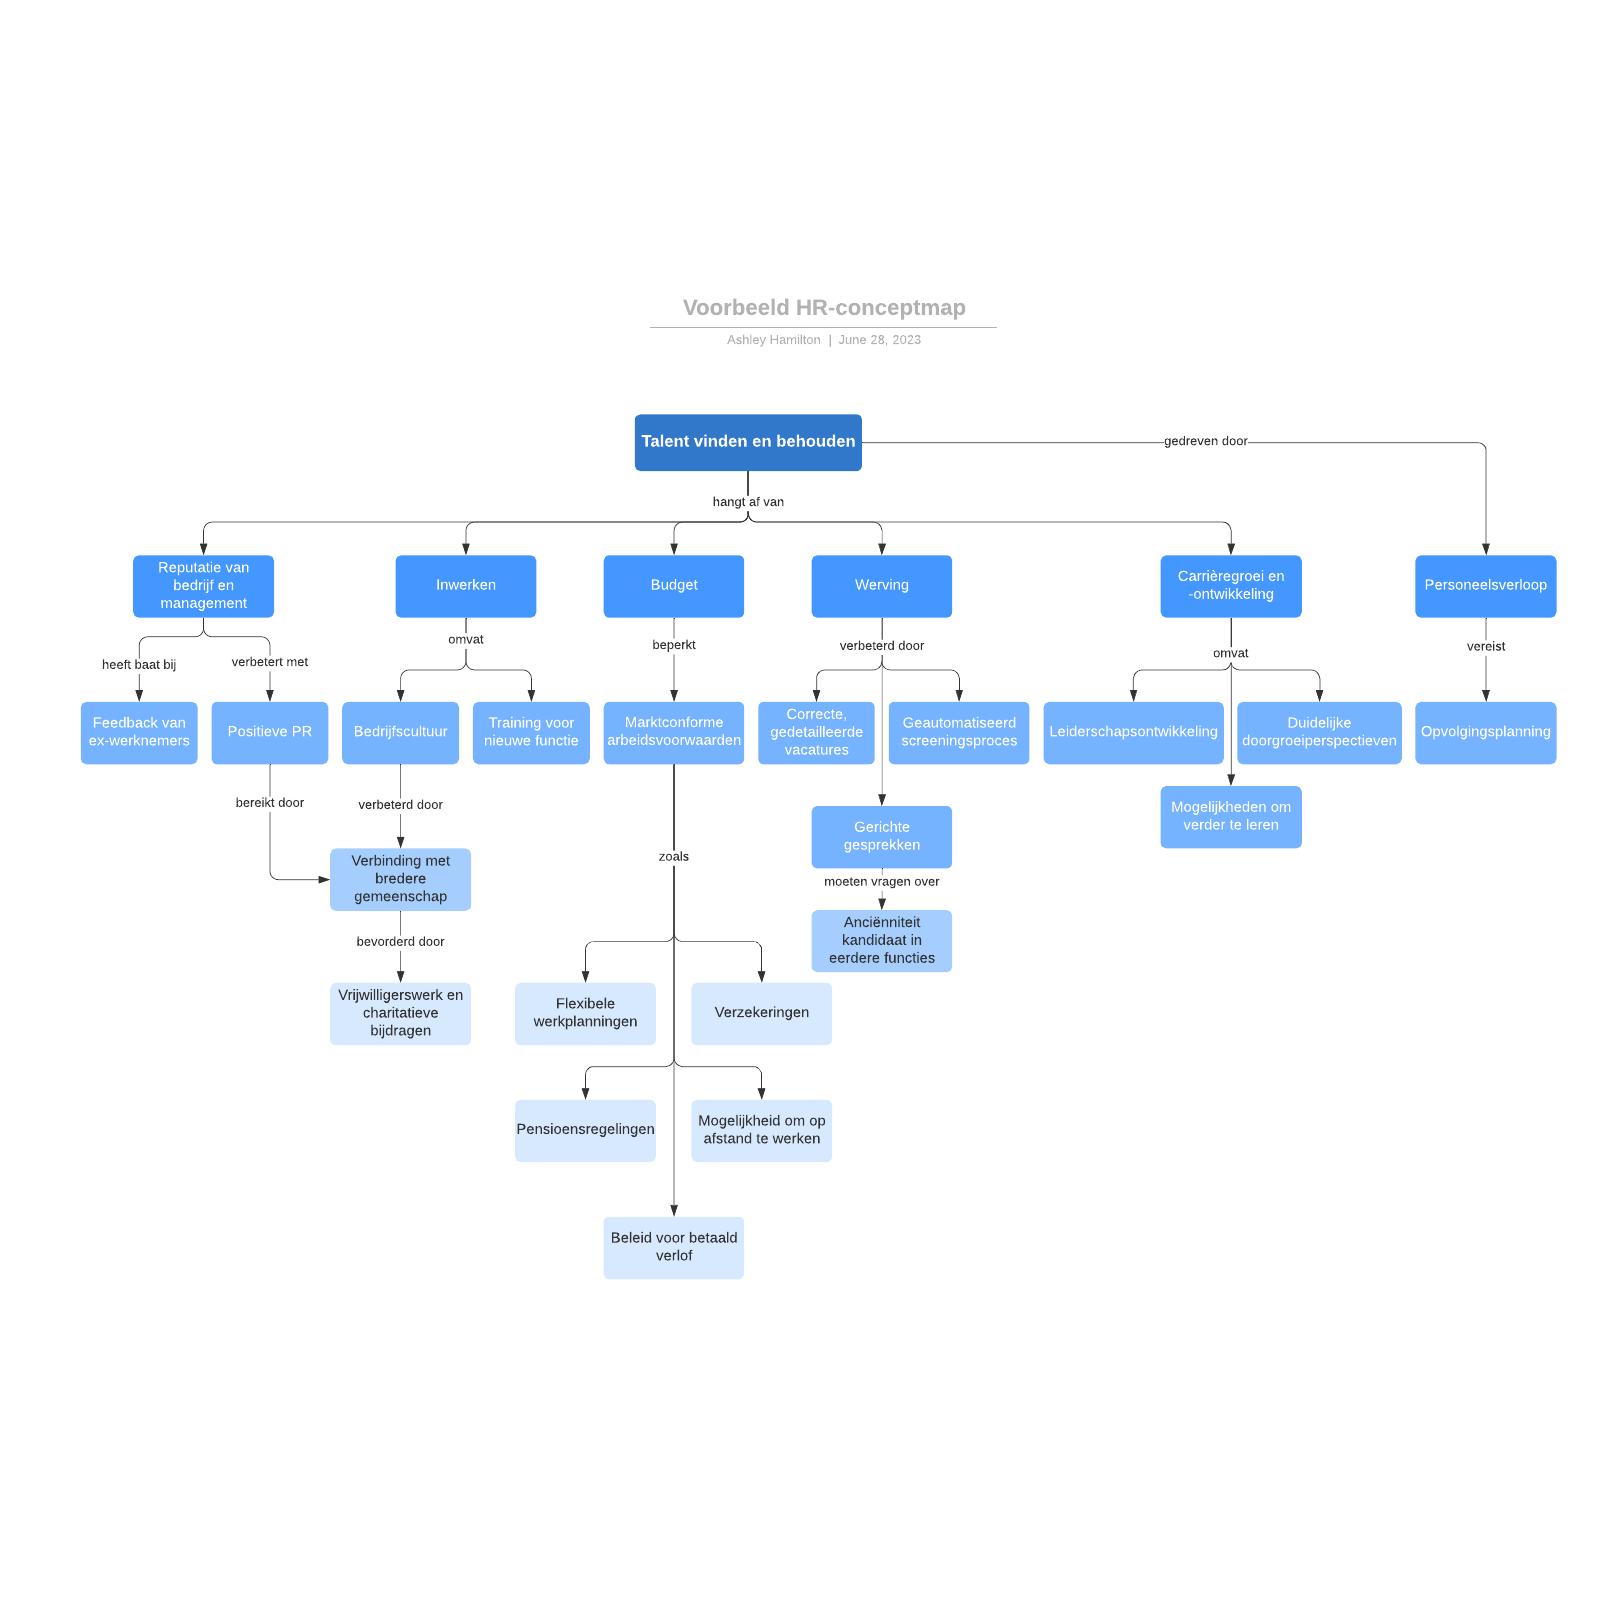 Voorbeeld HR-conceptmap